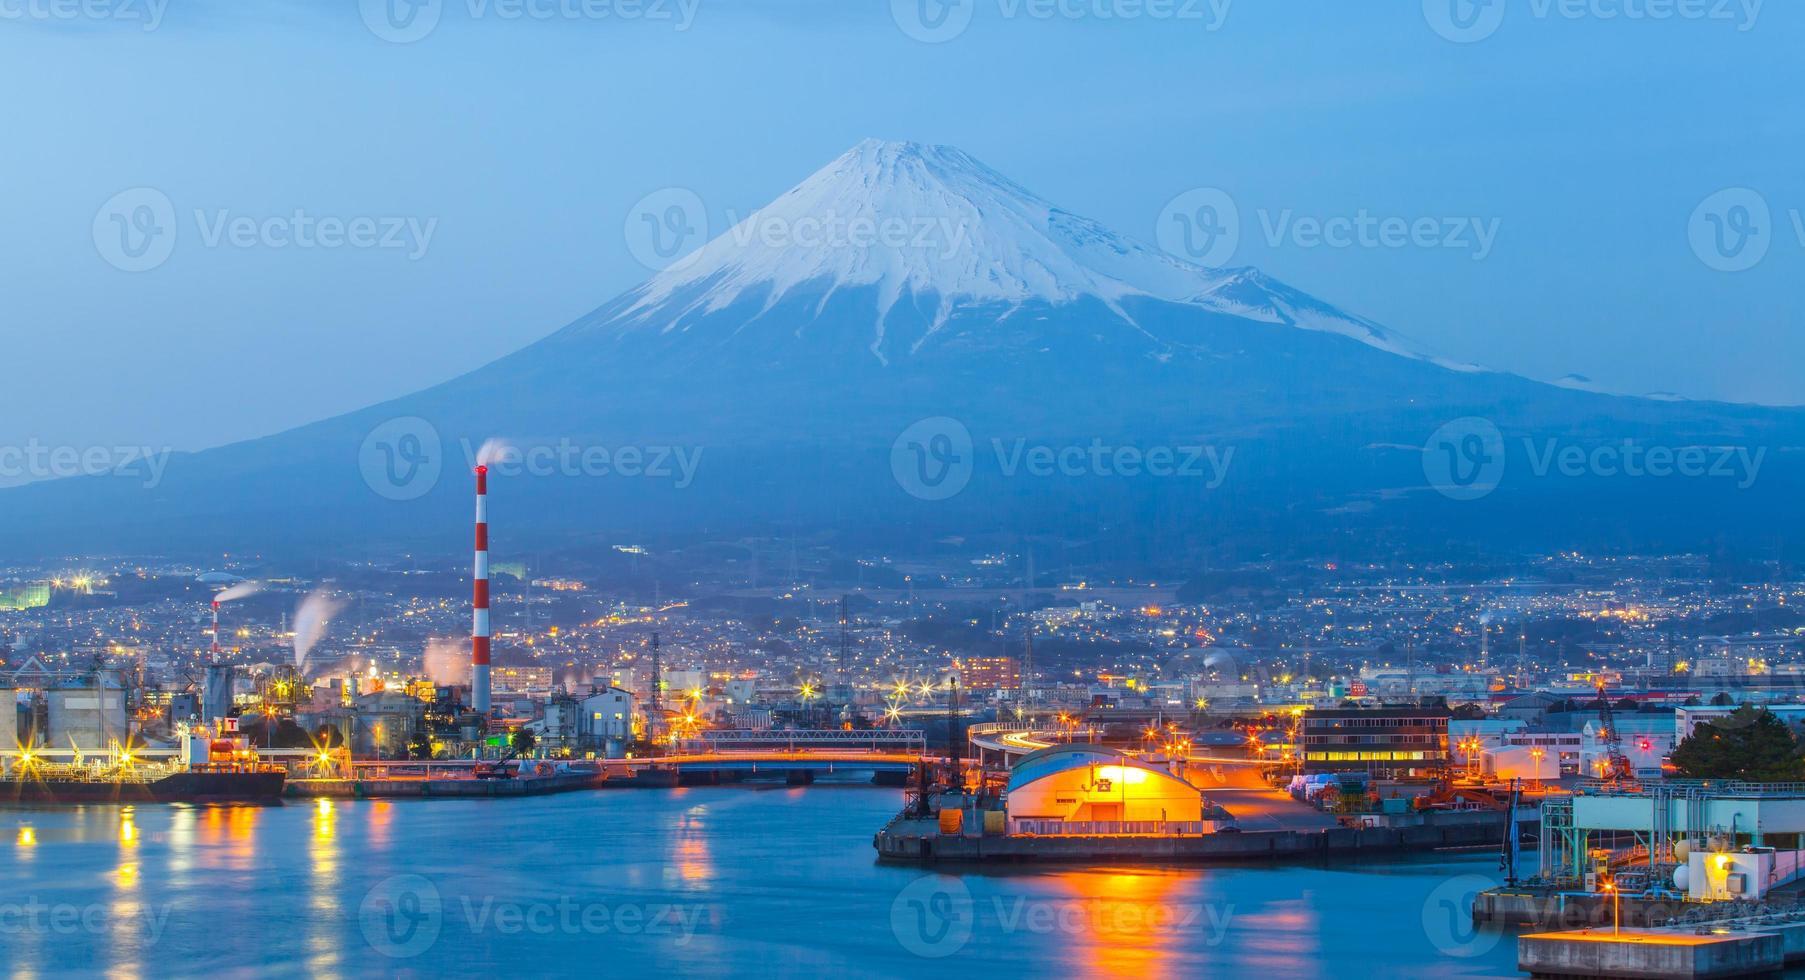 zona industrial do japão e montanha fuji na prefeitura de shizuoka foto